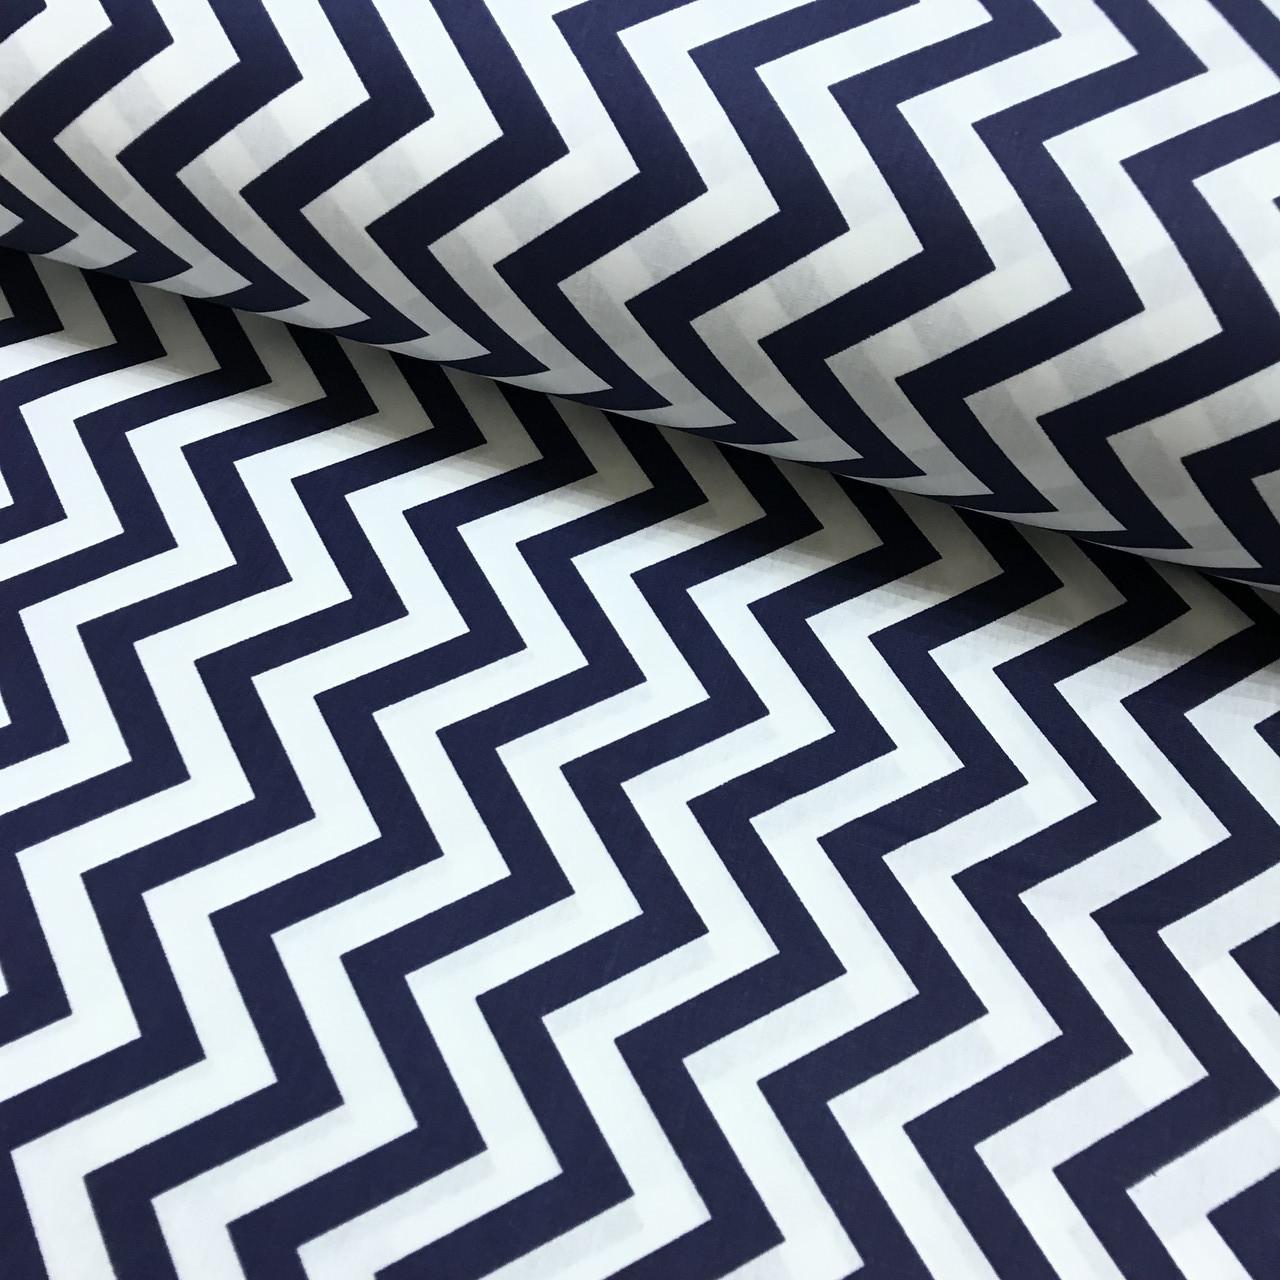 Ткань поплин зигзаг синий на белом (ТУРЦИЯ шир. 2,4 м) ОТРЕЗ (3*2.4) УЦЕНКА